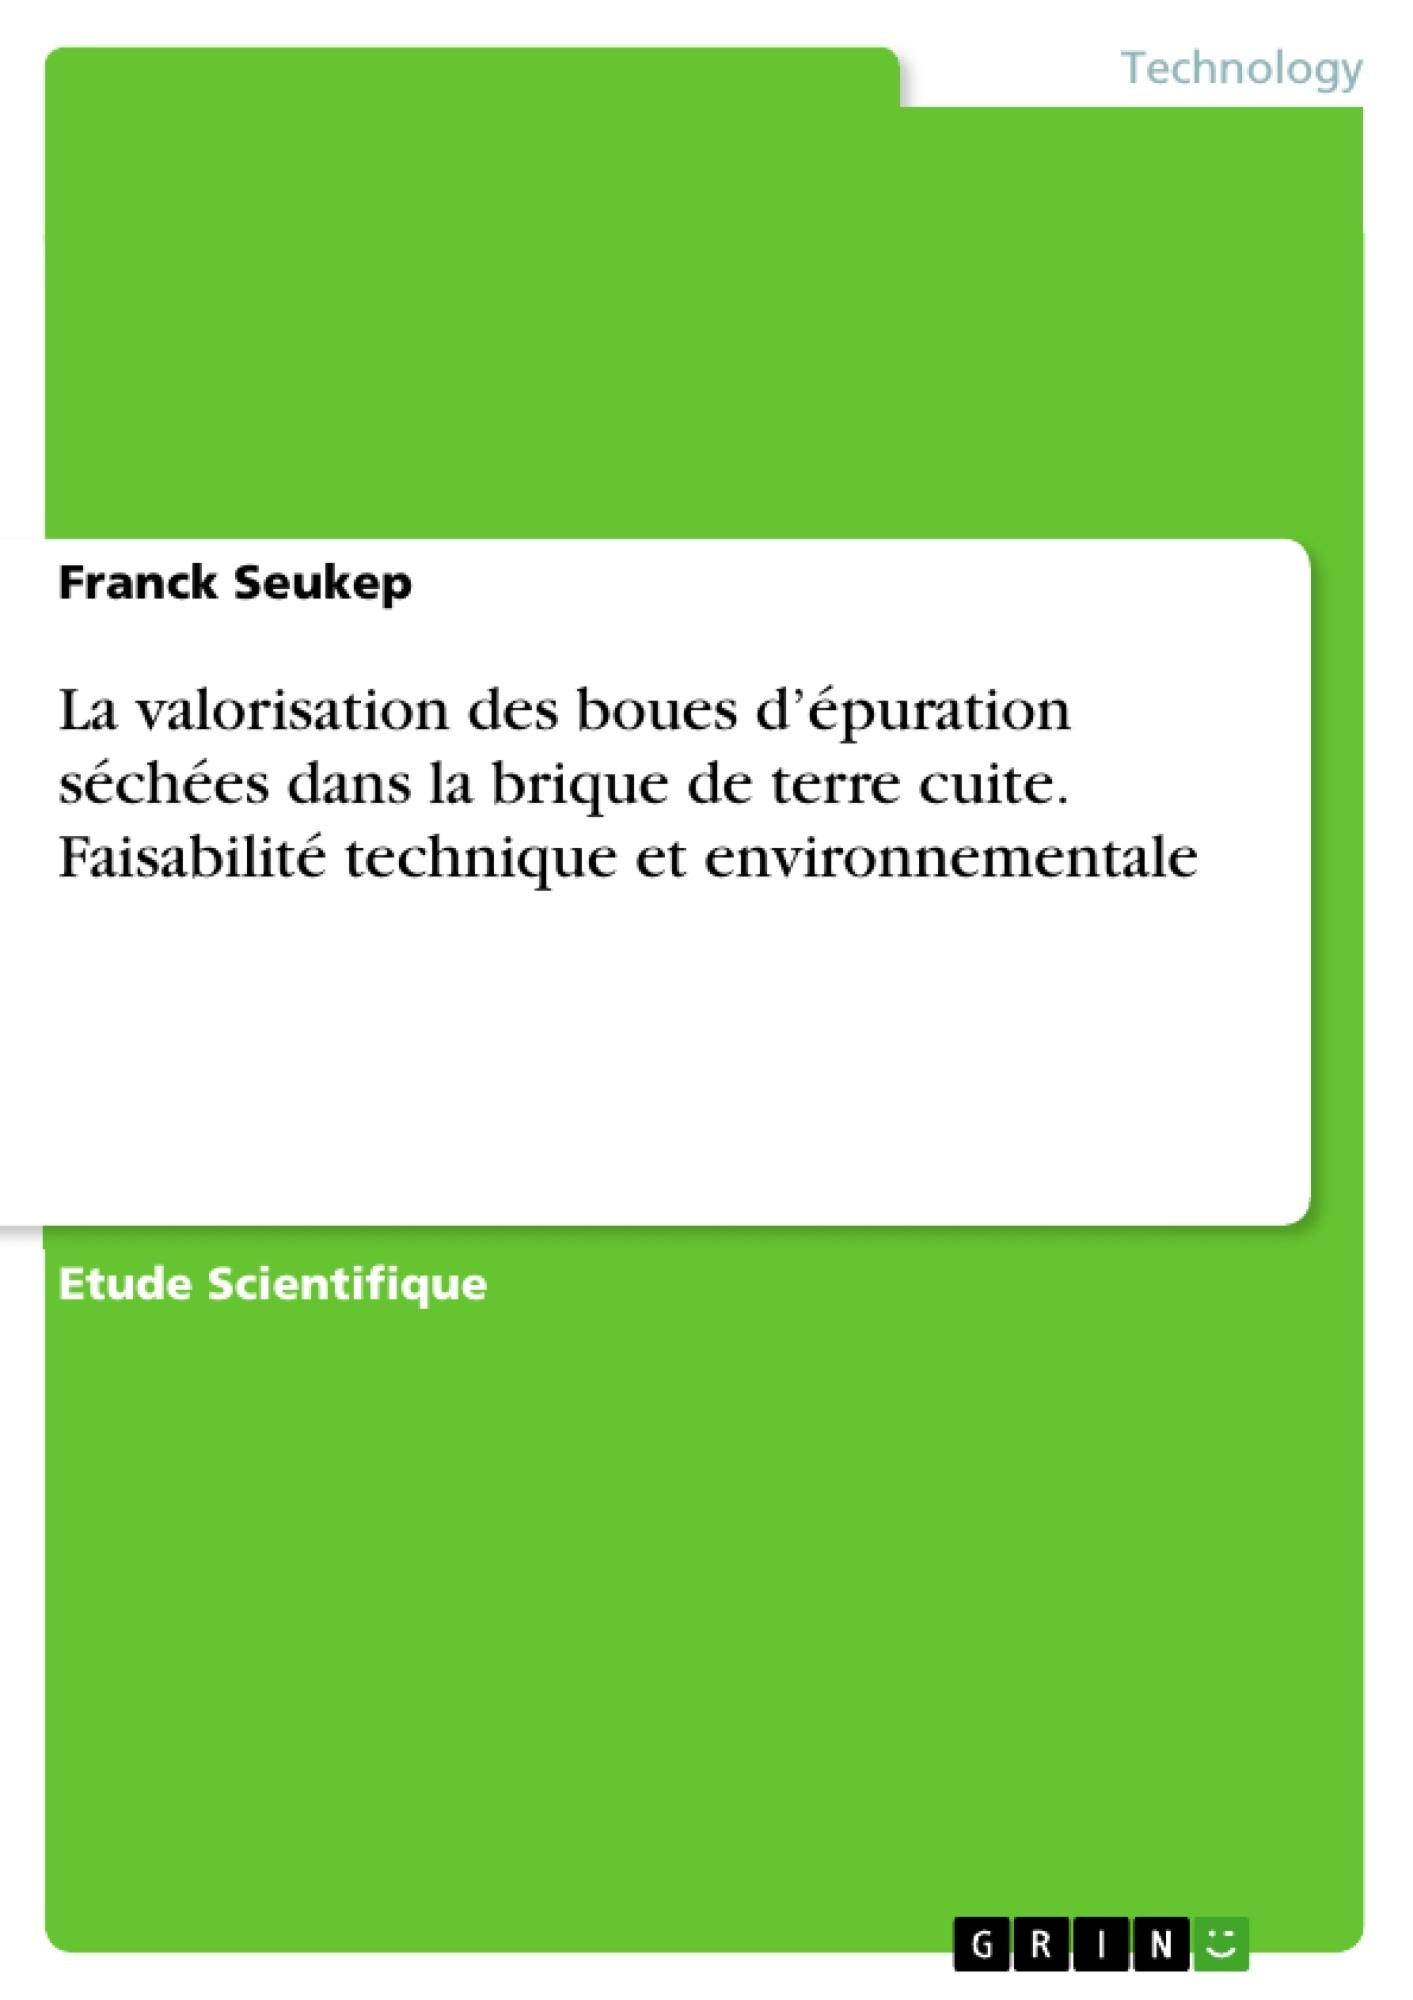 Titre: La valorisation des boues d'épuration séchées dans la brique de terre cuite. Faisabilité technique et environnementale